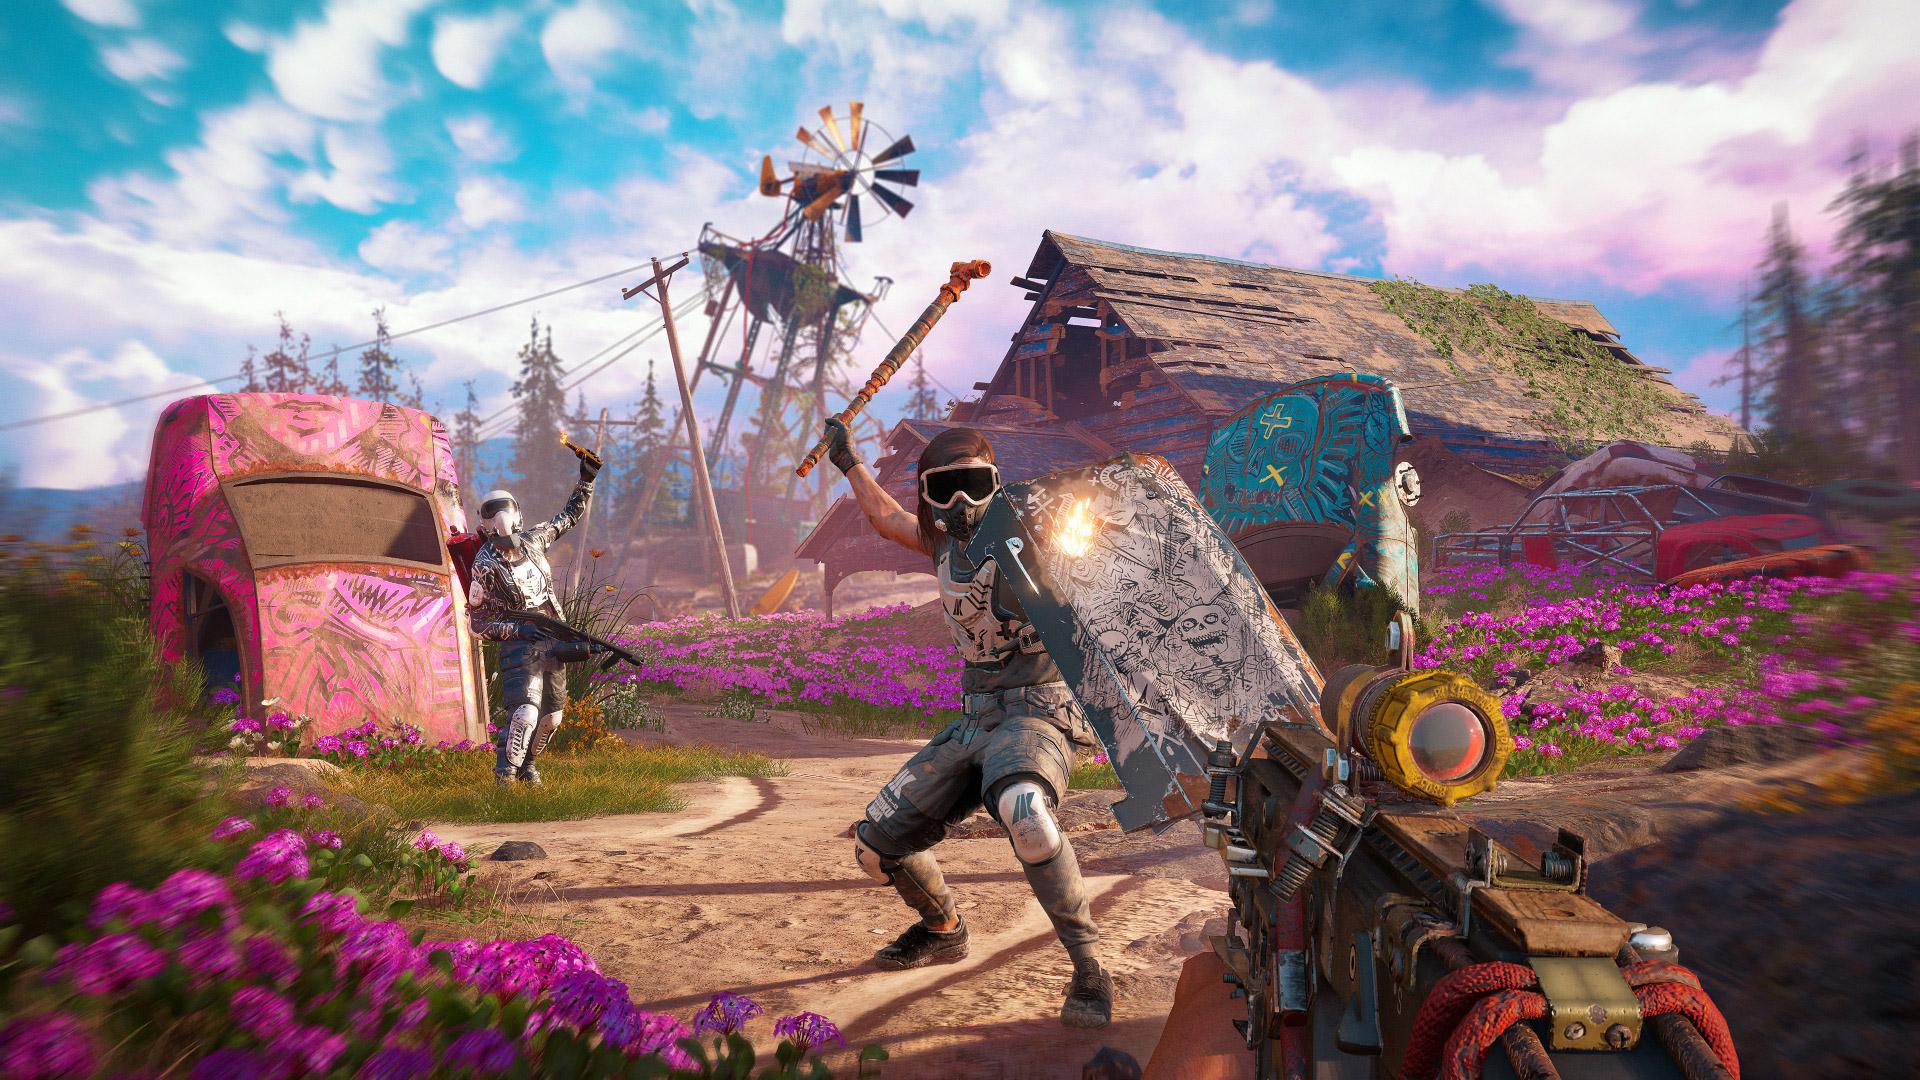 香不香你来定!IGN盘点31款2019年Xbox的游戏大作